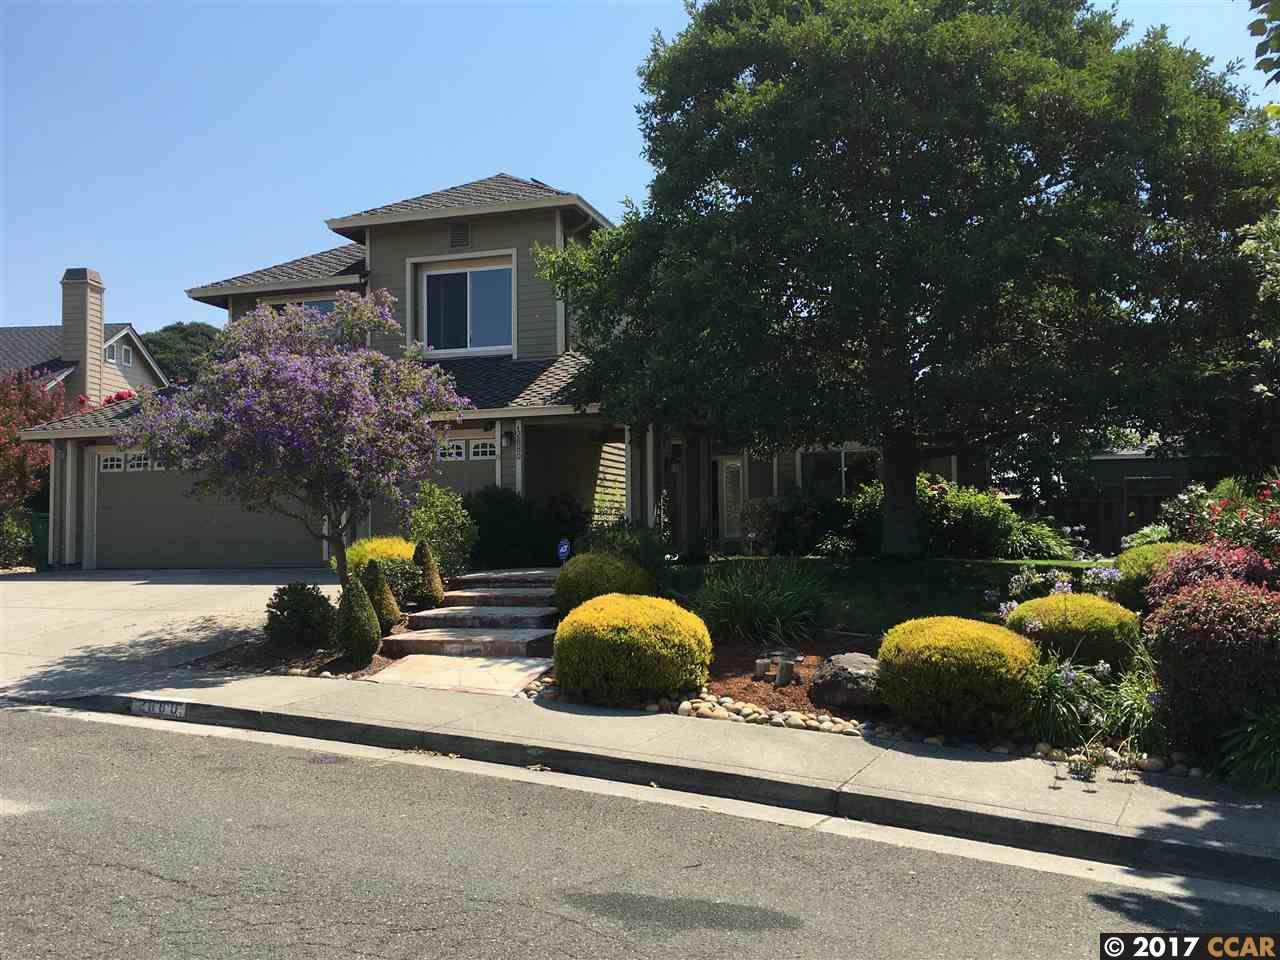 Maison unifamiliale pour l Vente à 2880 Goularte Drive Pinole, Californie 94564 États-Unis